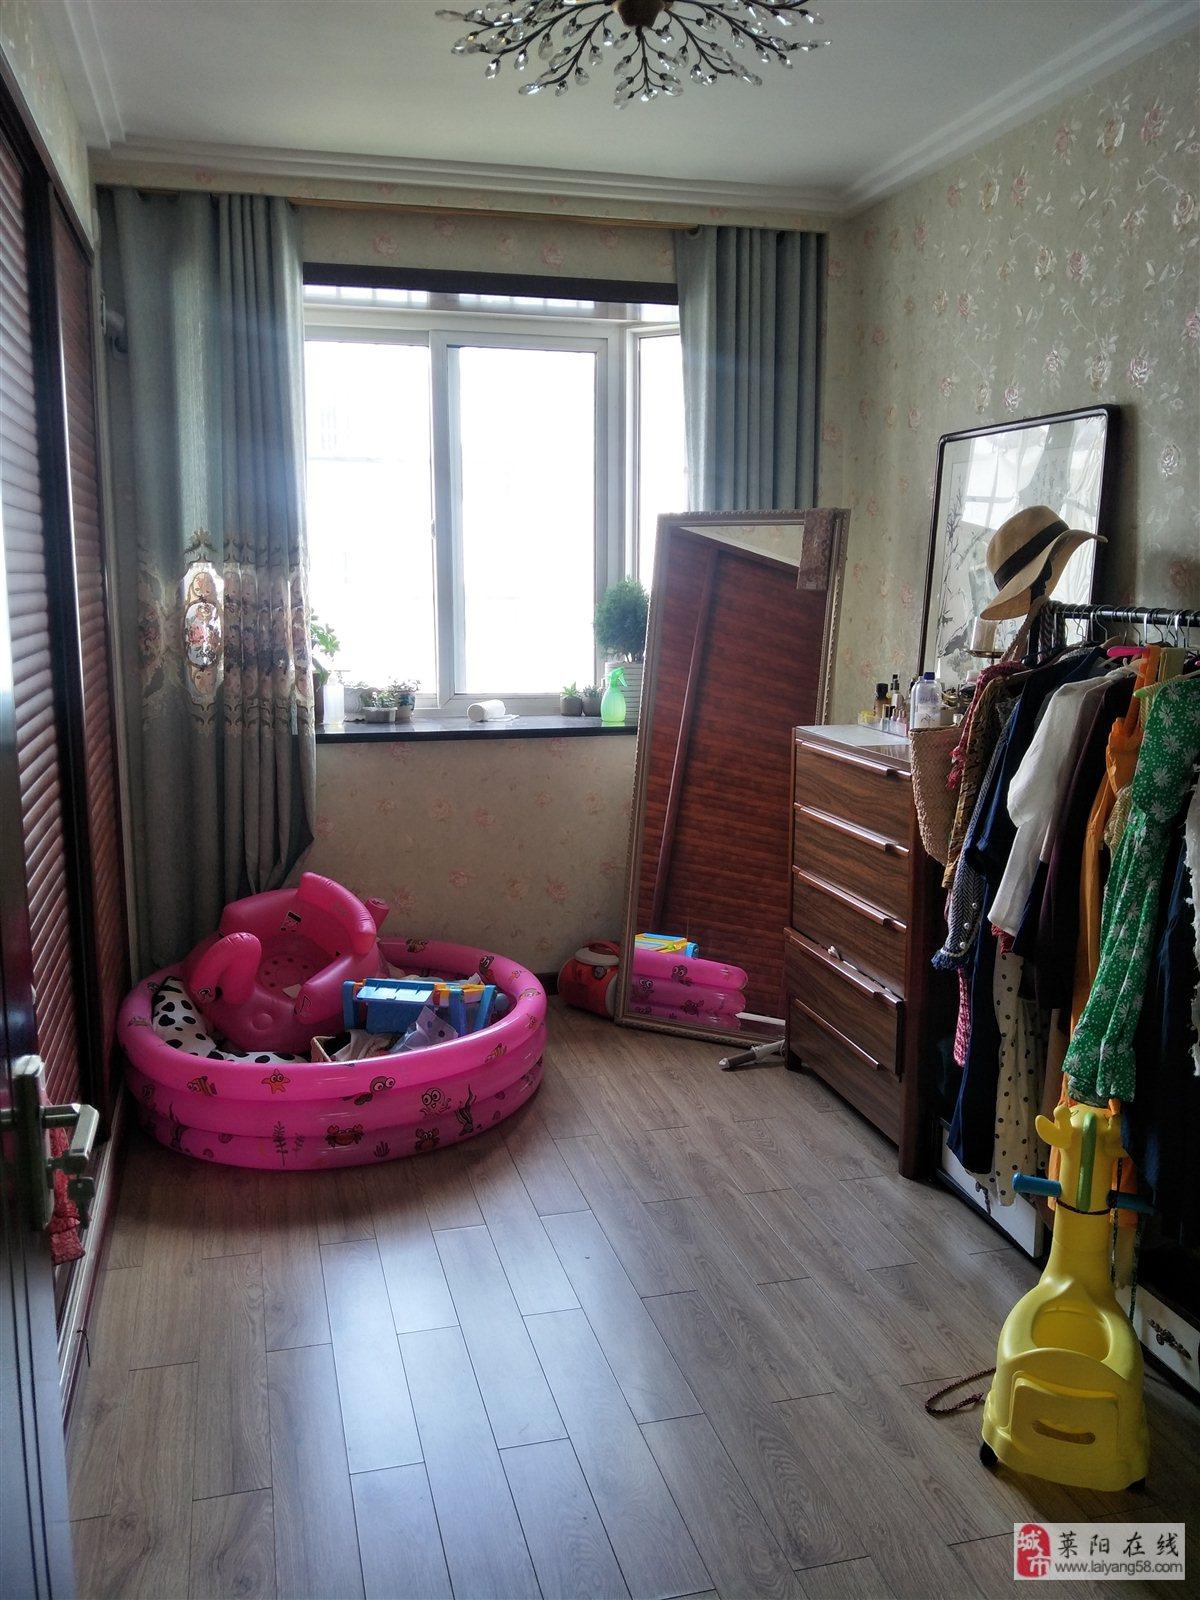 盛隆广场c区3室2厅1卫77万元